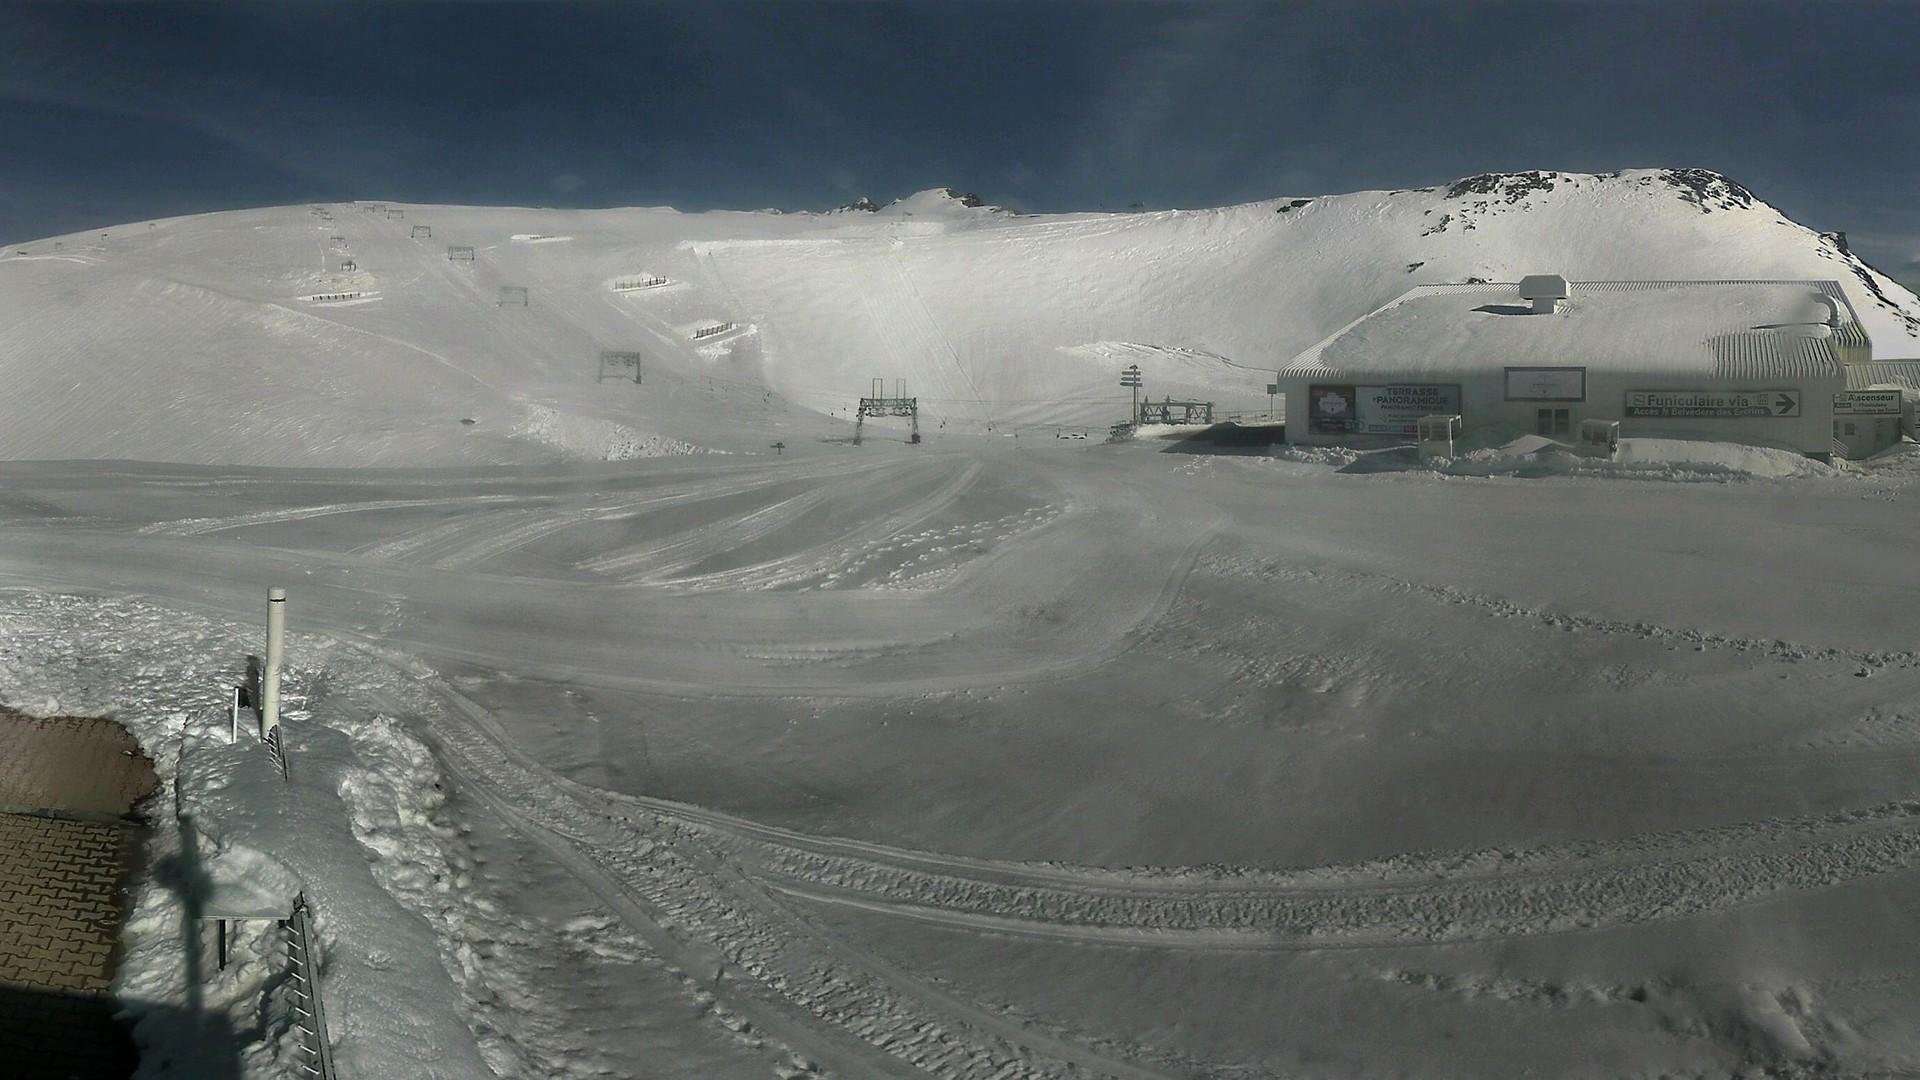 20200507_173300_mega_2alpes_restaurant-les-glaciers_1920x1080